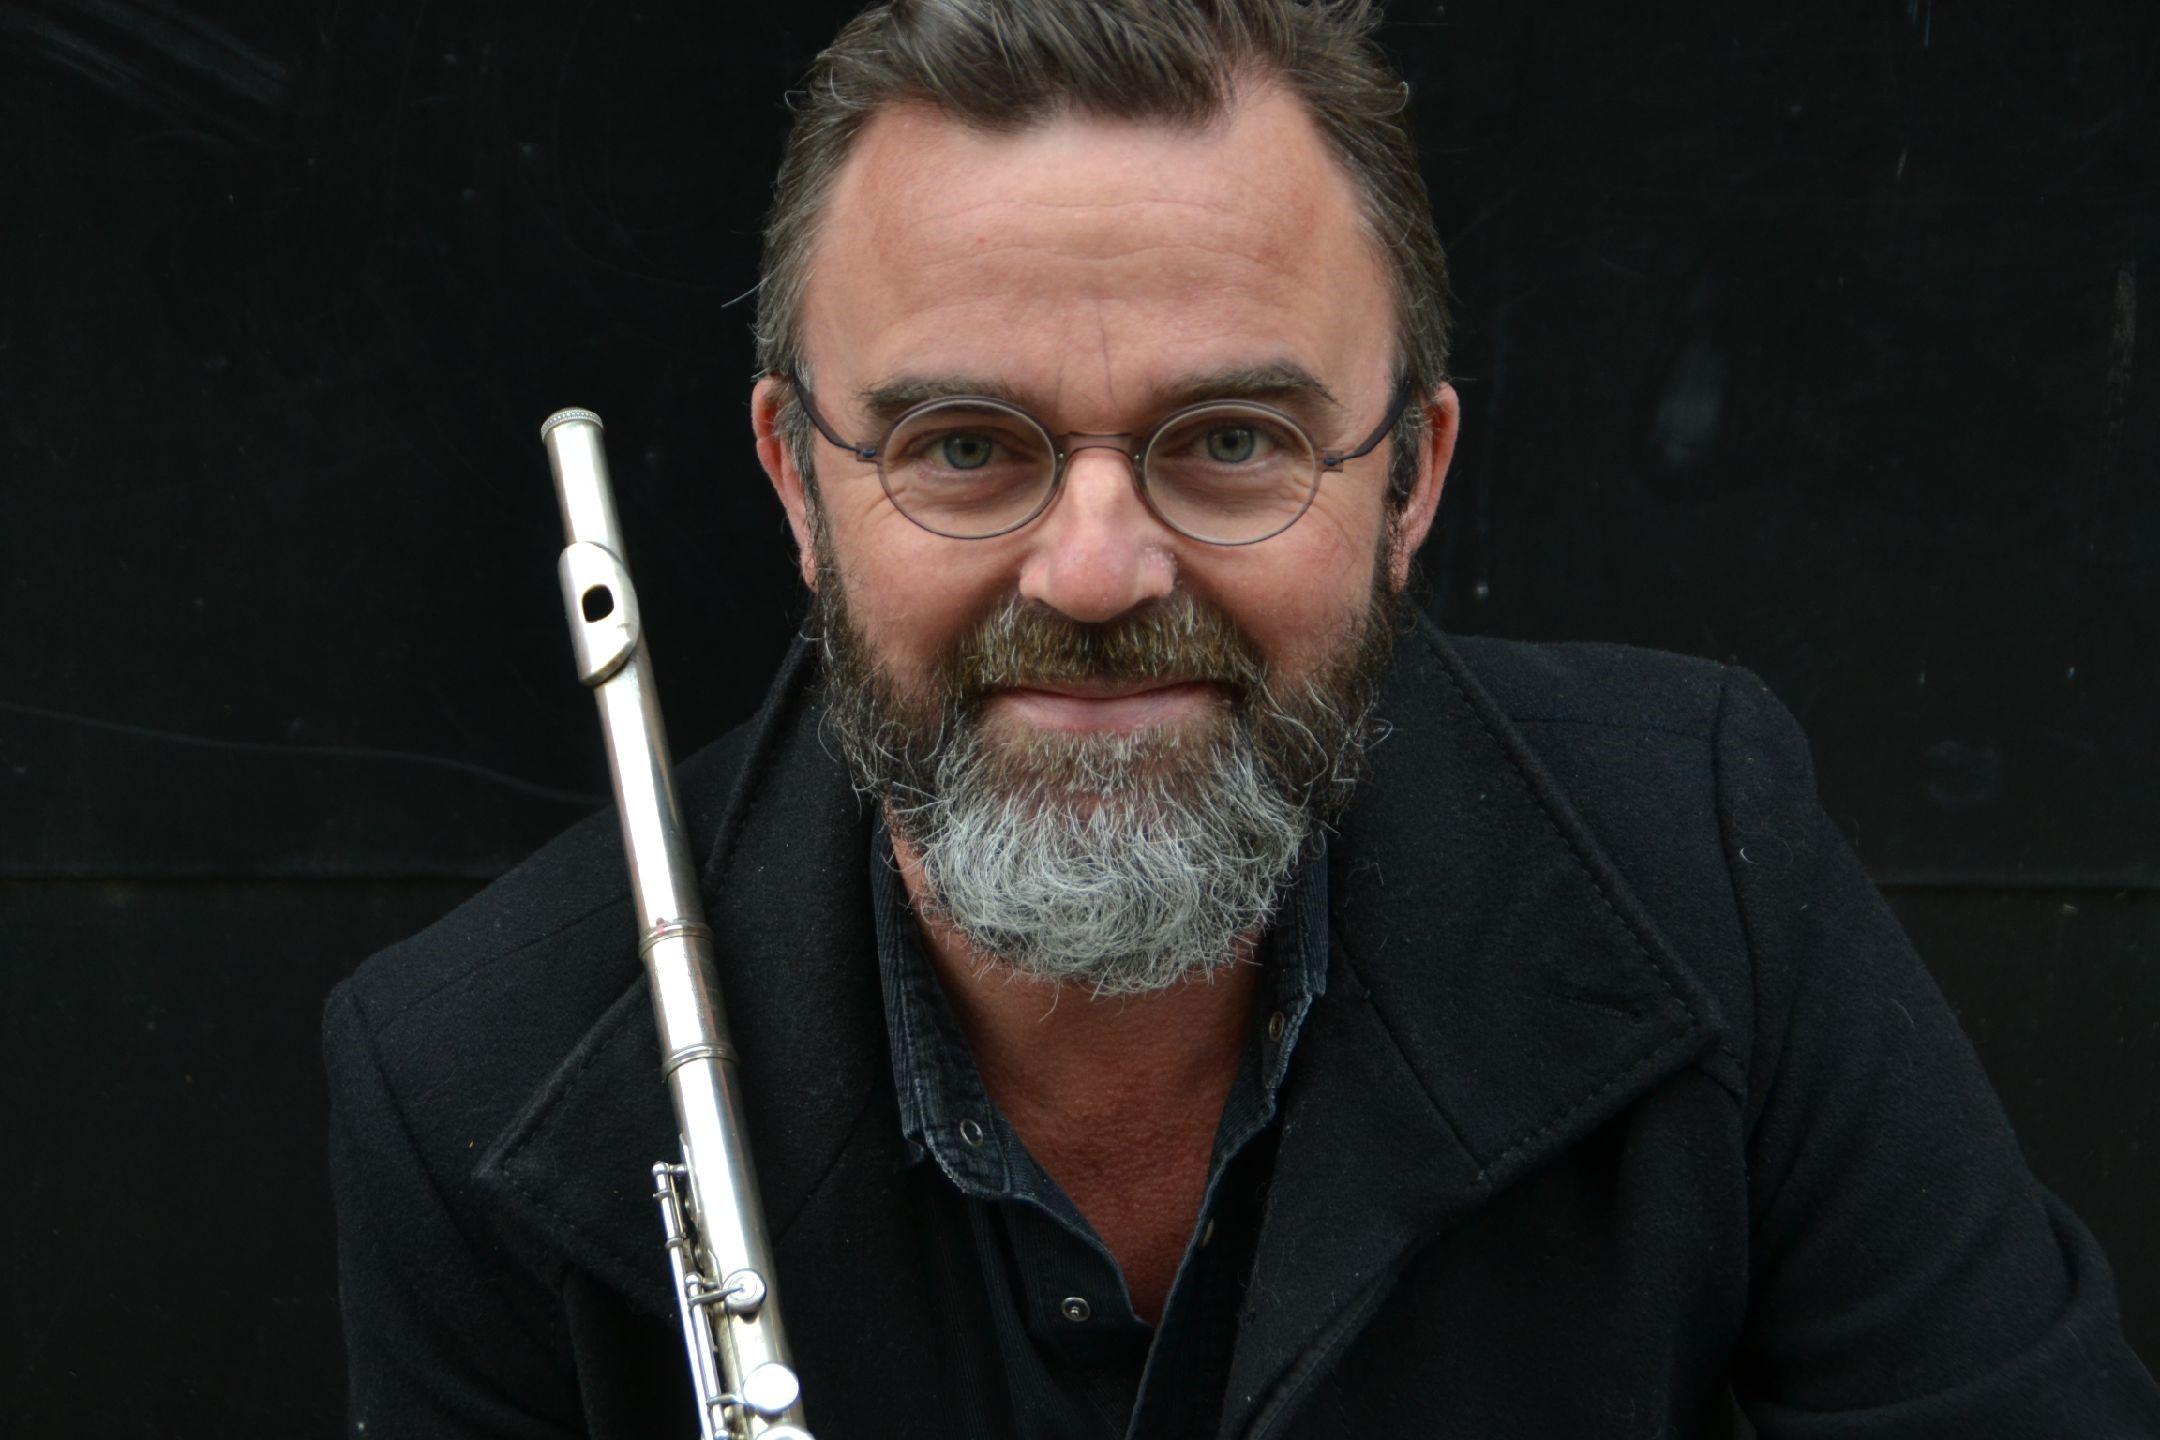 Tobias Carron